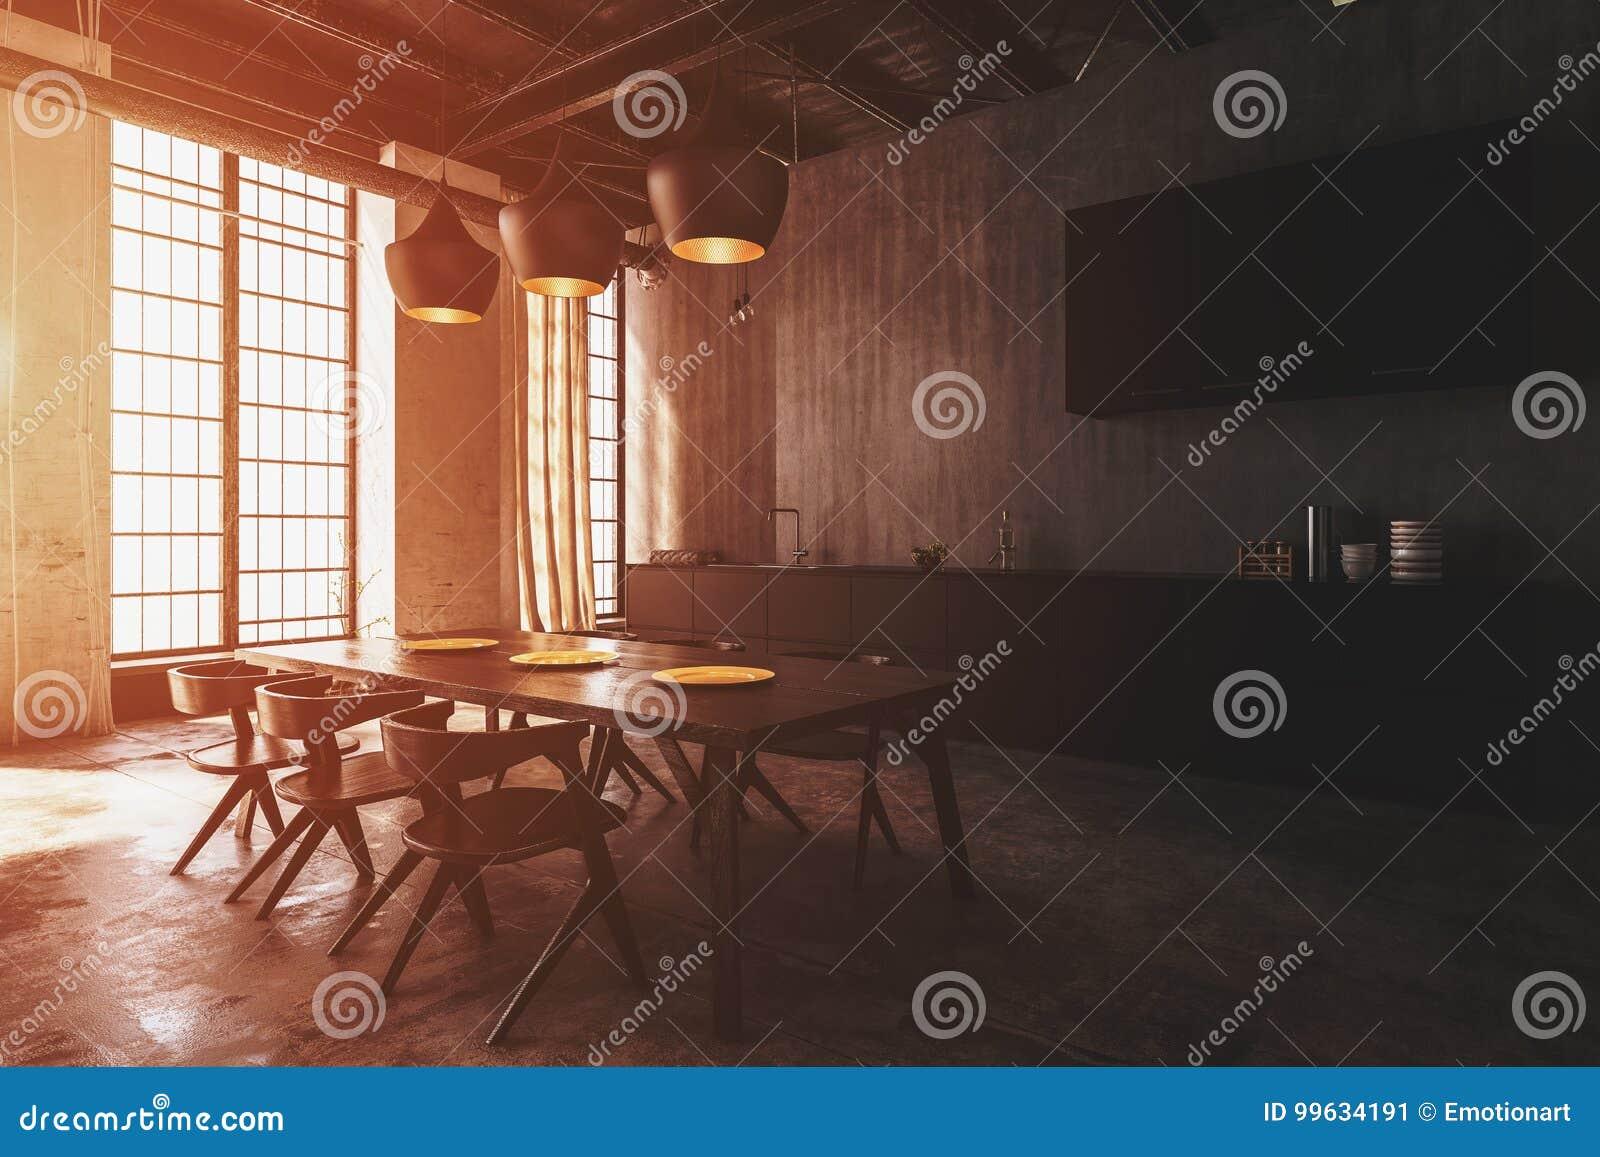 Plafoniere Con Legno : Interno moderno della sala da pranzo con le plafoniere